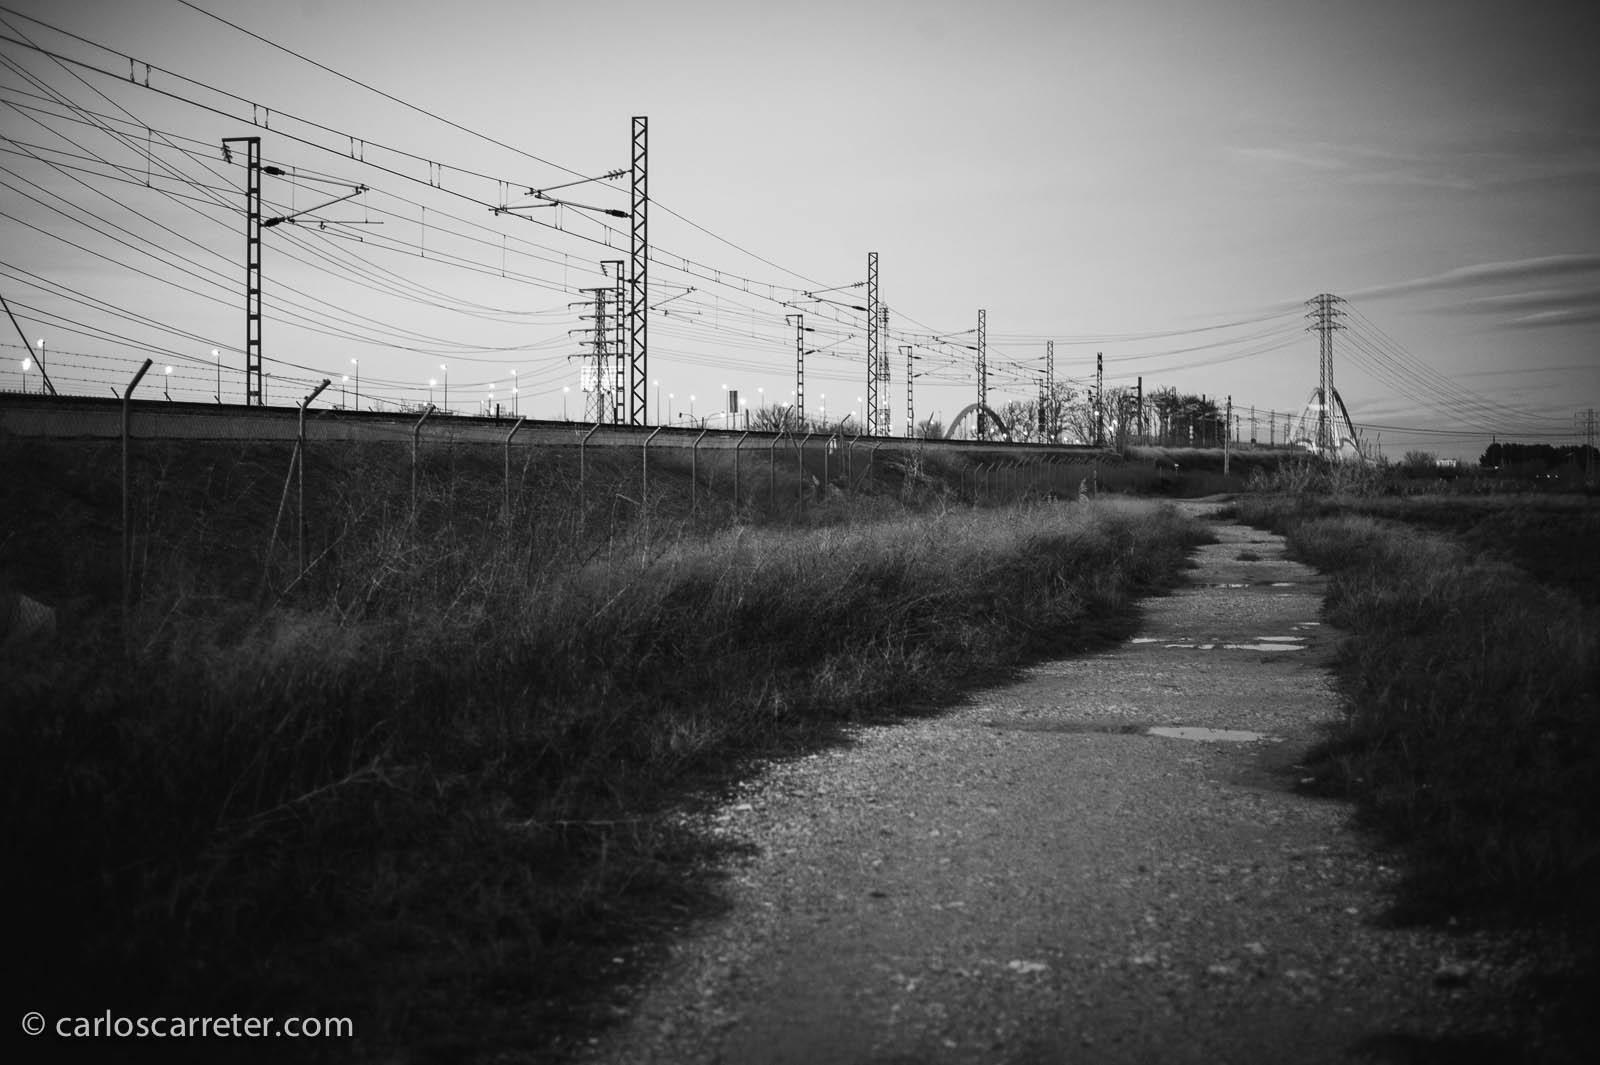 Ferrocarril hacie el puente sobre el Ebro